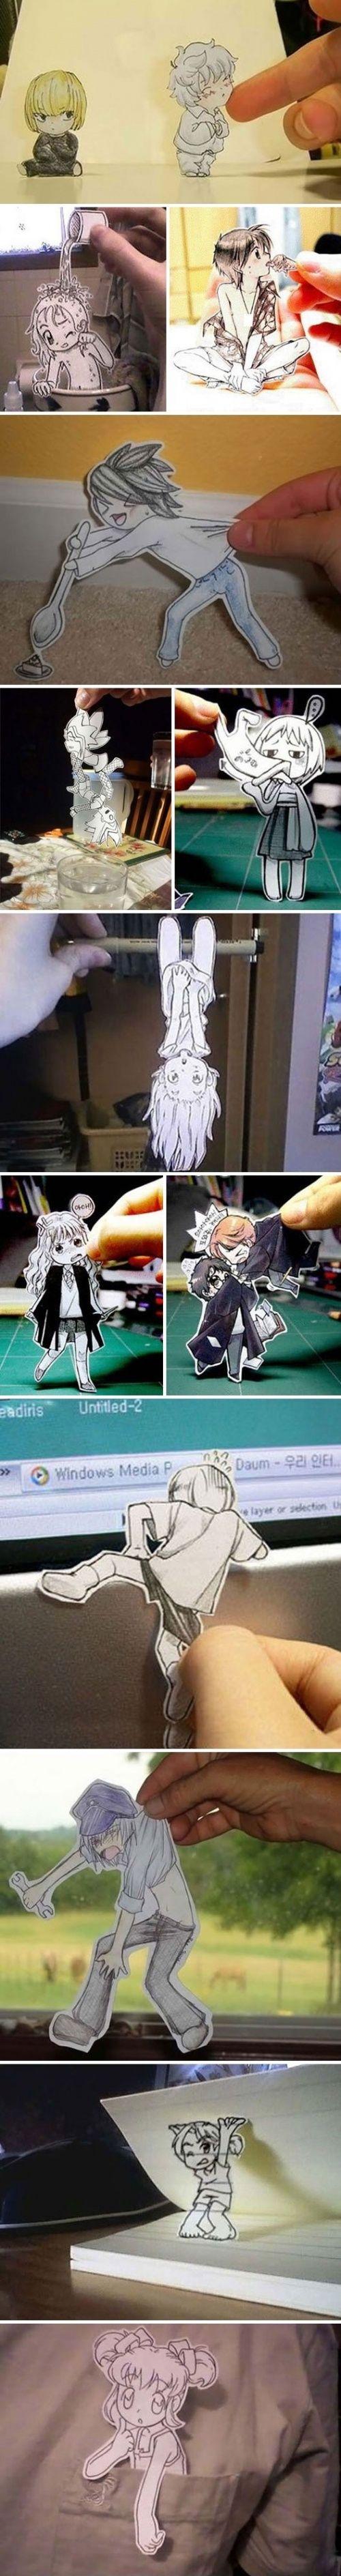 real anime #anime #manga #funny Just cool.